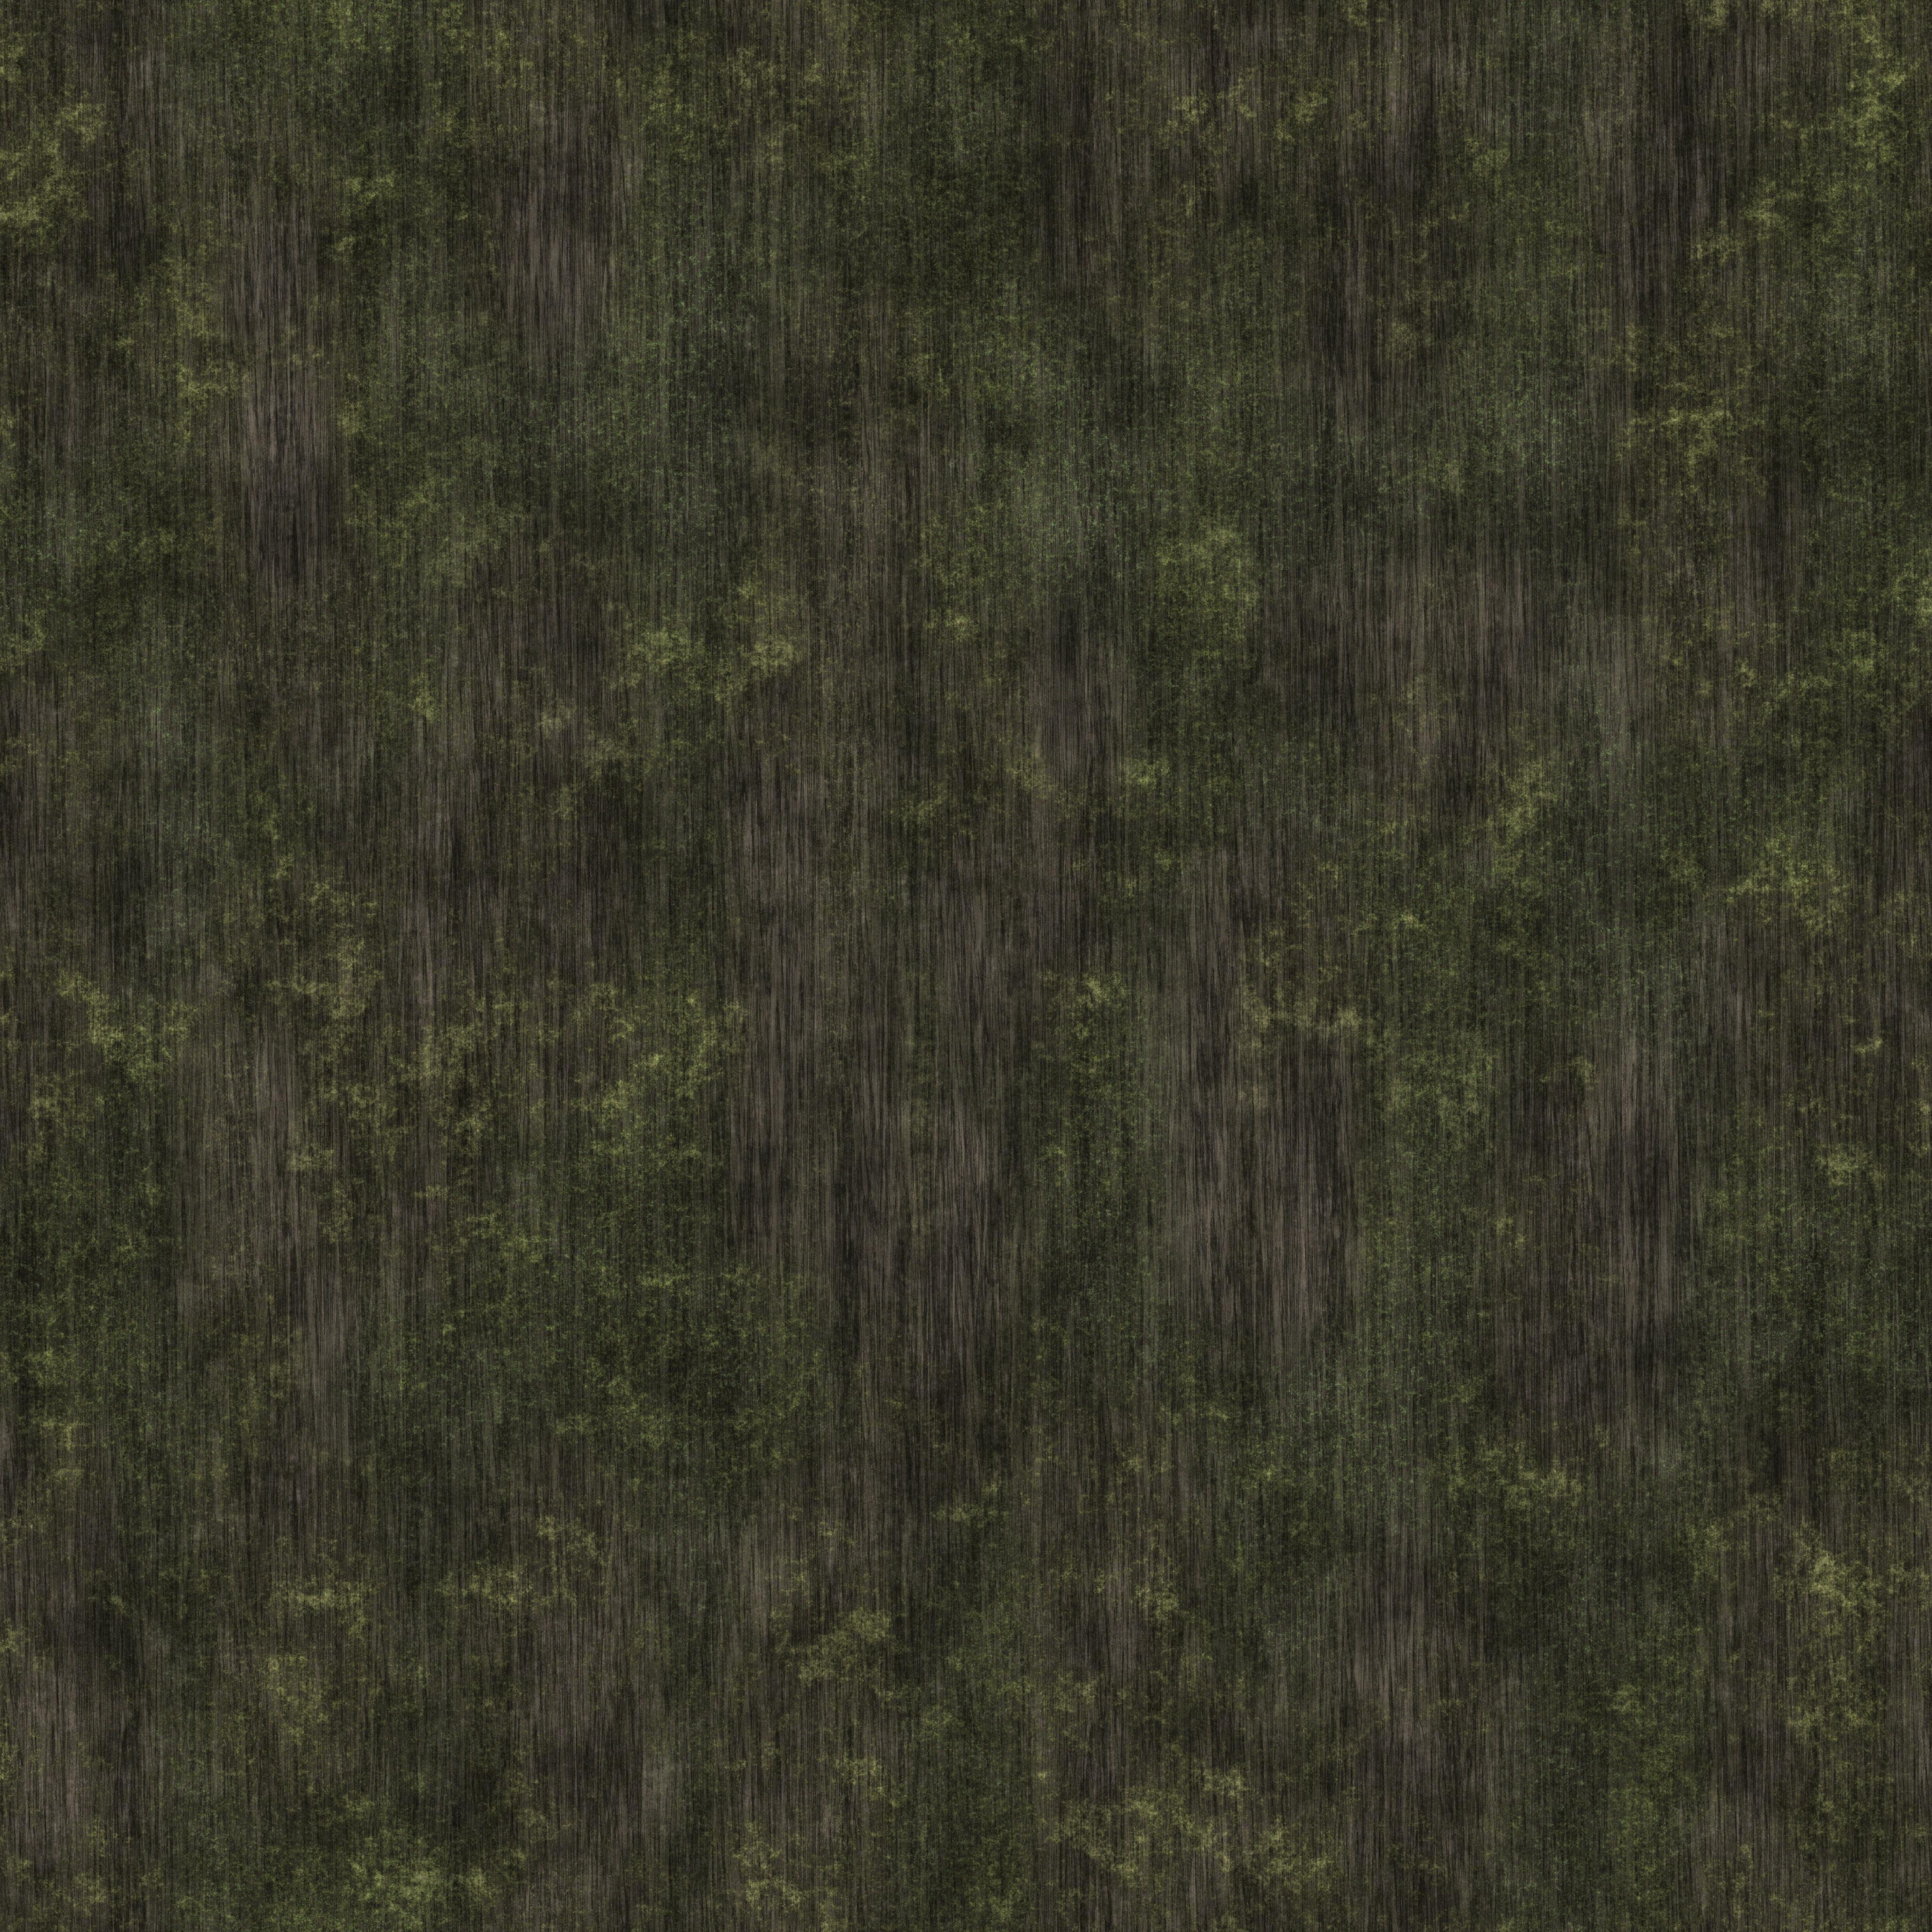 skyrim wallpapers 4k